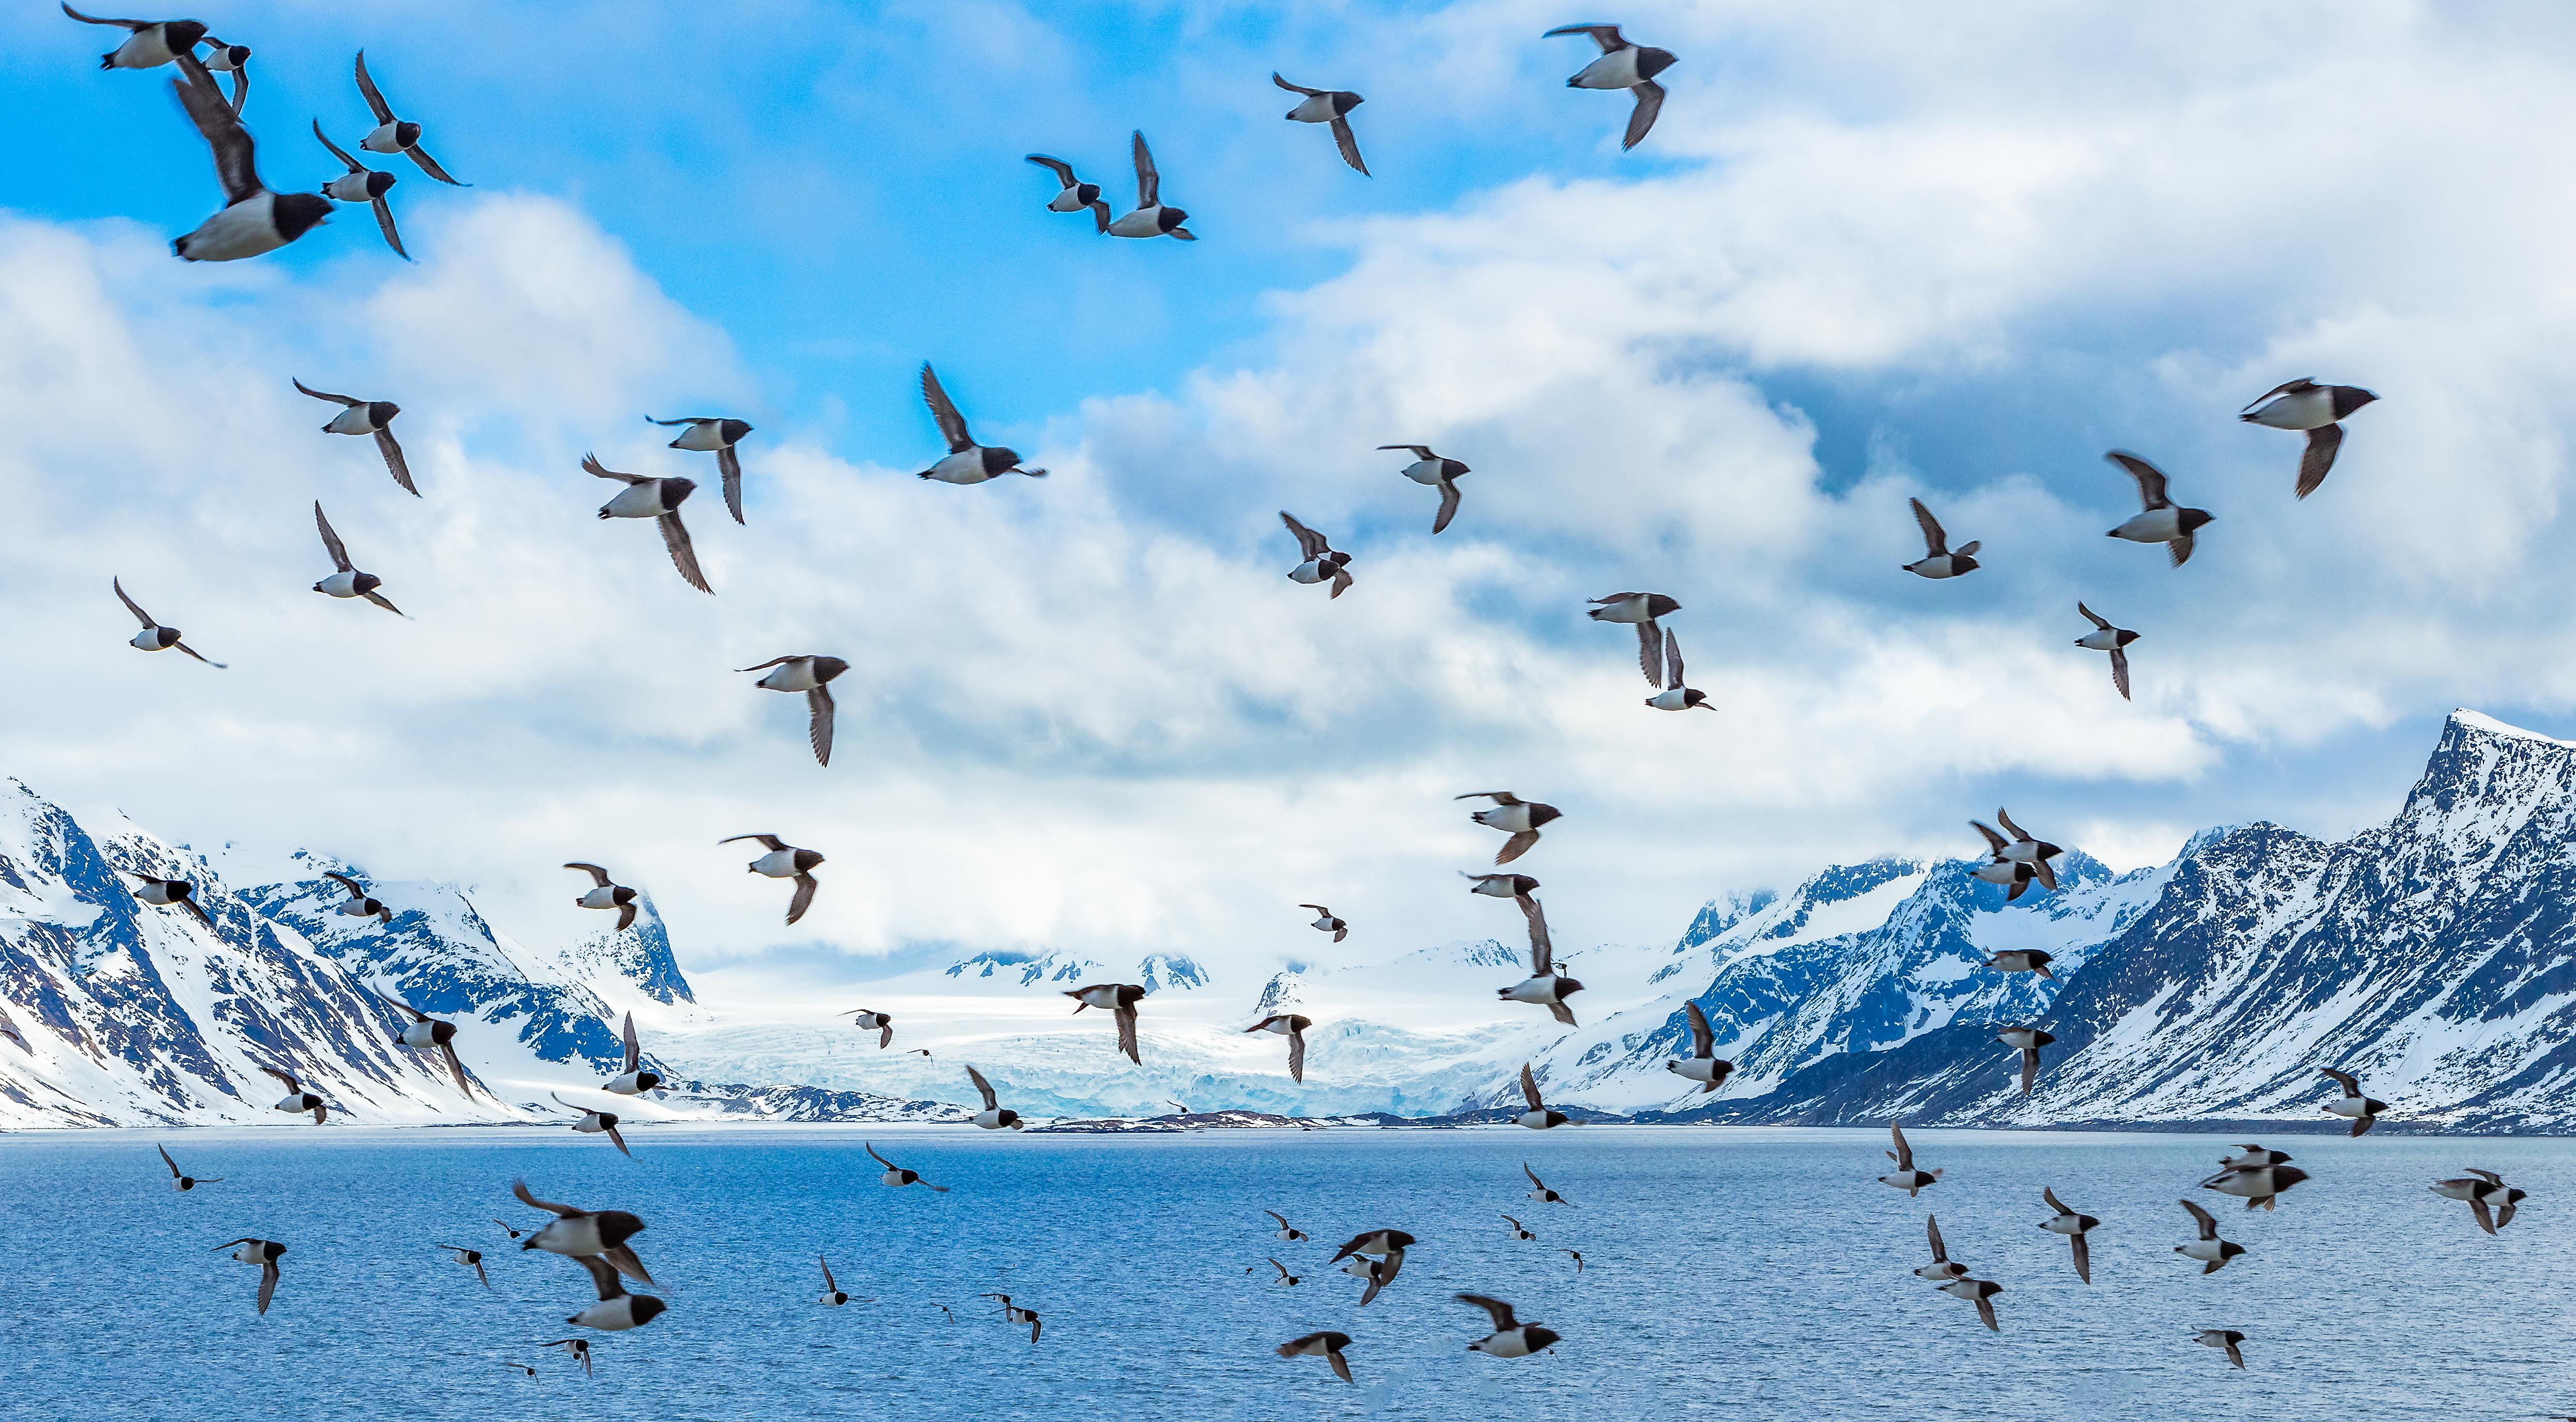 יוני ים של האזור הארקטי ייאלצו לנדוד יותר משעה בעתיד של קרחונים נעלמים